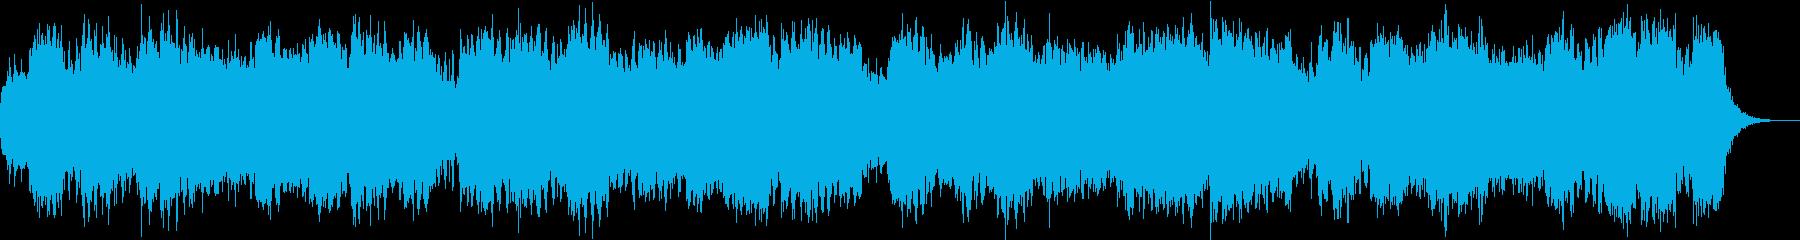 朝を知らせる444Hz音楽の再生済みの波形